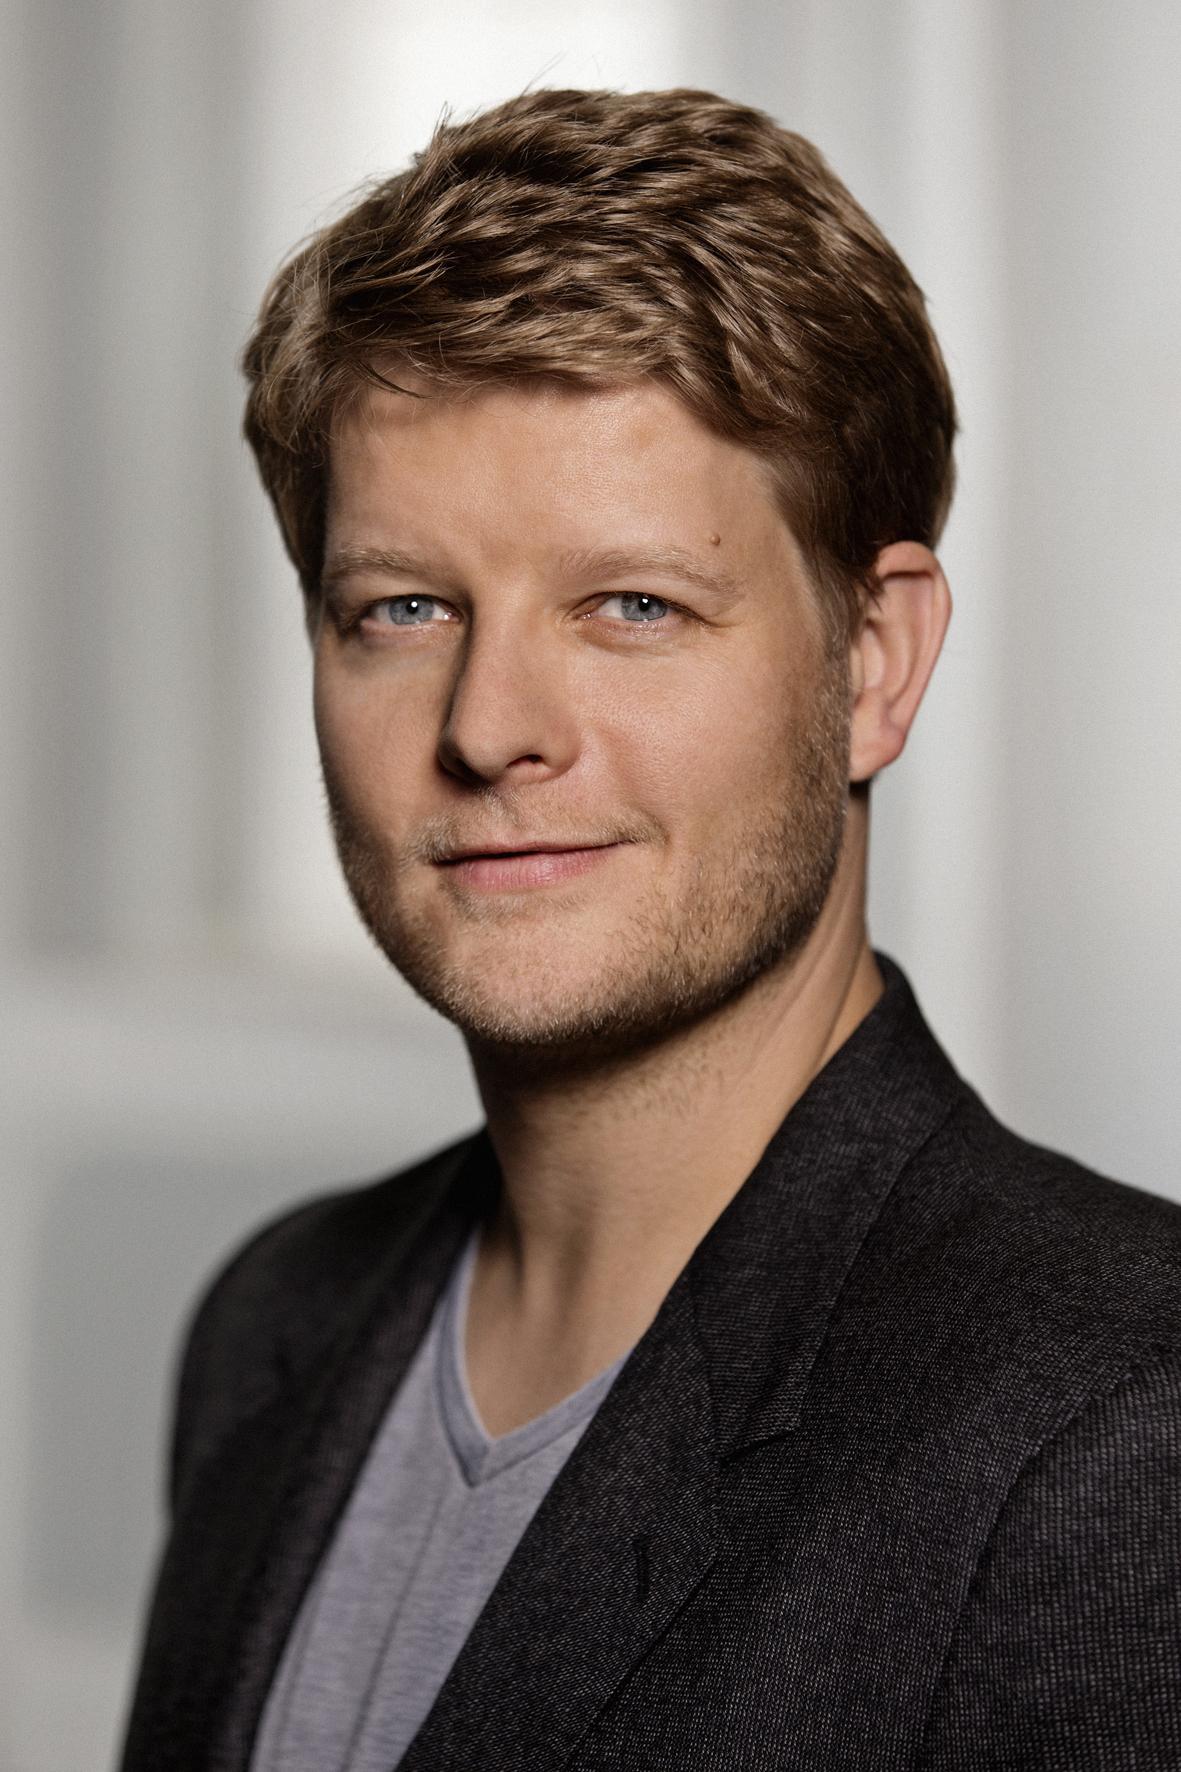 Peter Dalsgaard